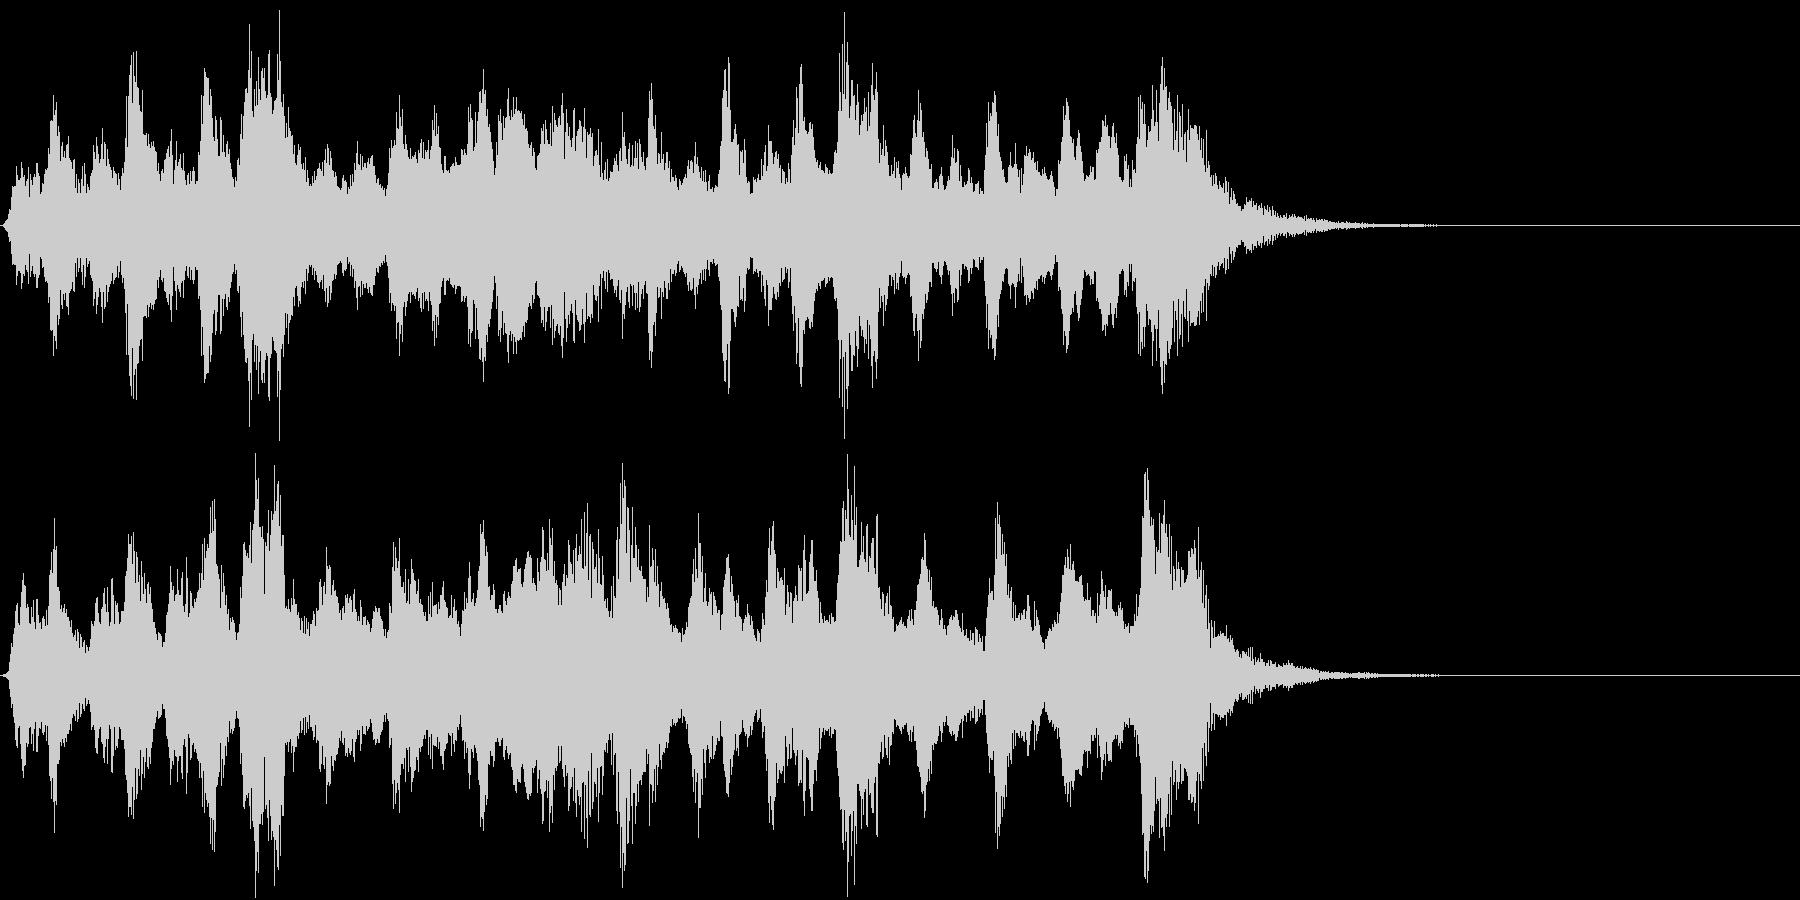 お伽の国のイメージのオーケストラジングルの未再生の波形